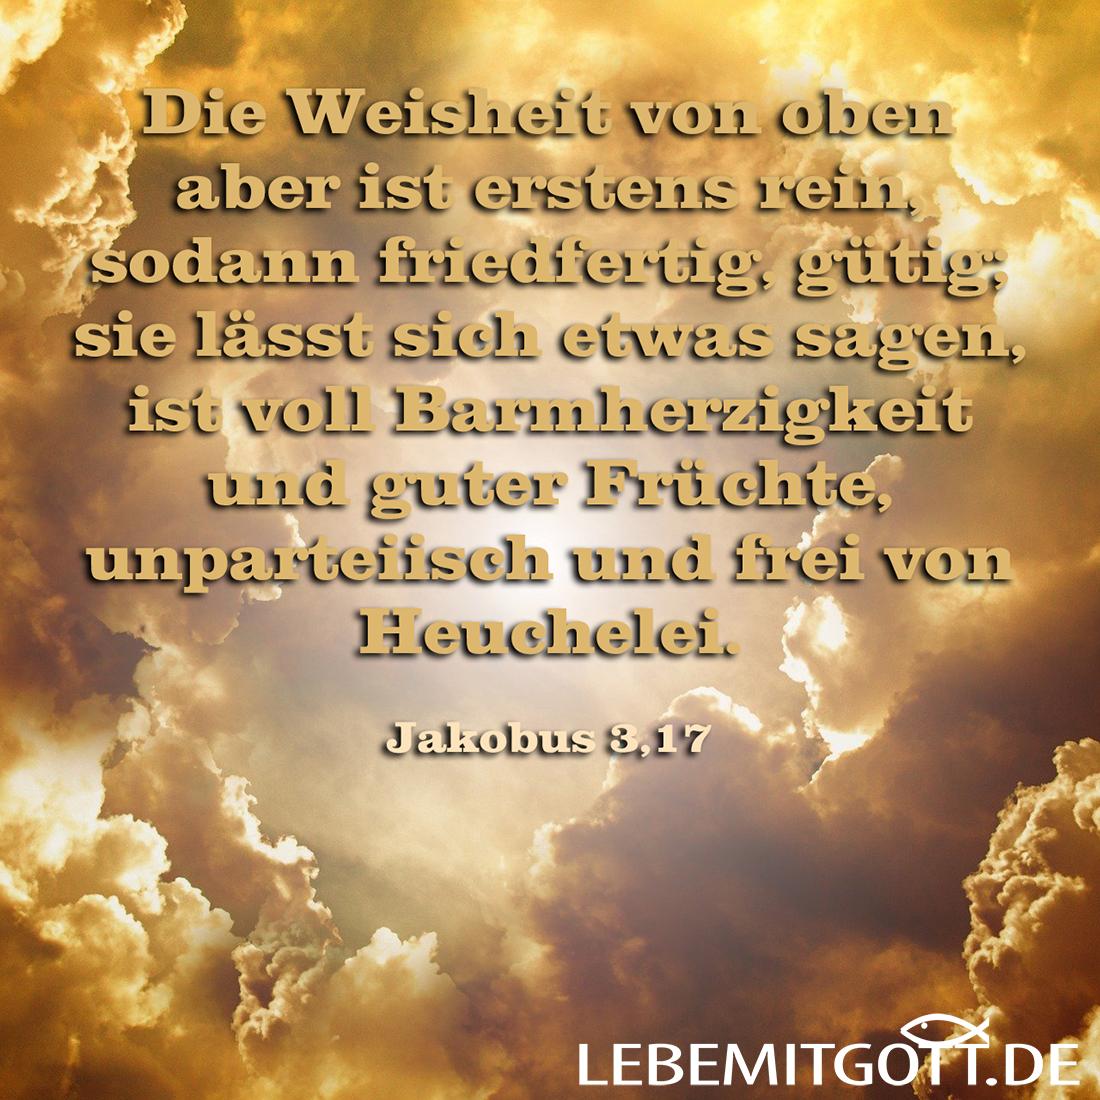 Weisheit von oben